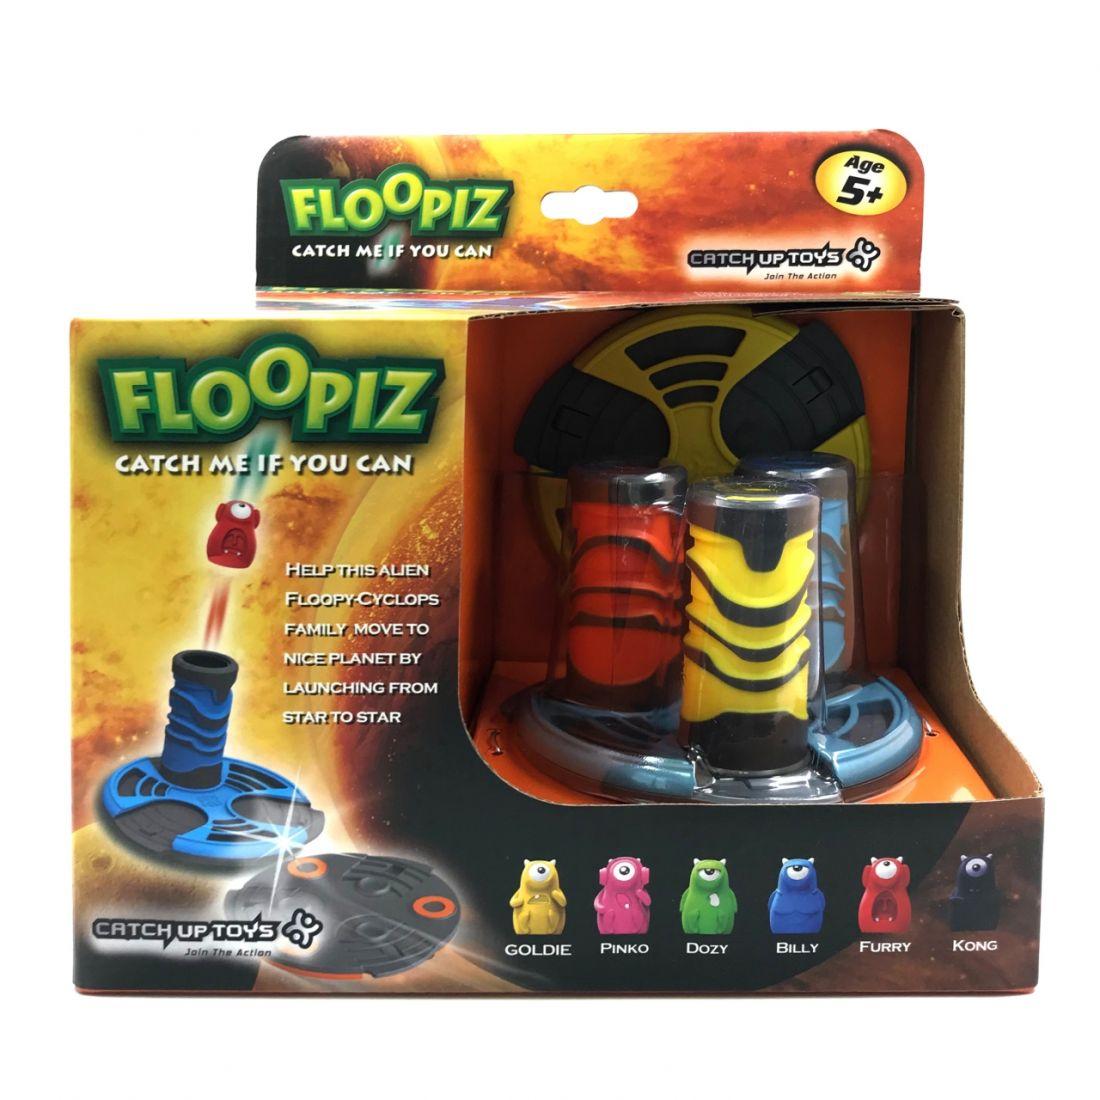 Игра CATCHUP TOYS FP-001S-STD Floopiz